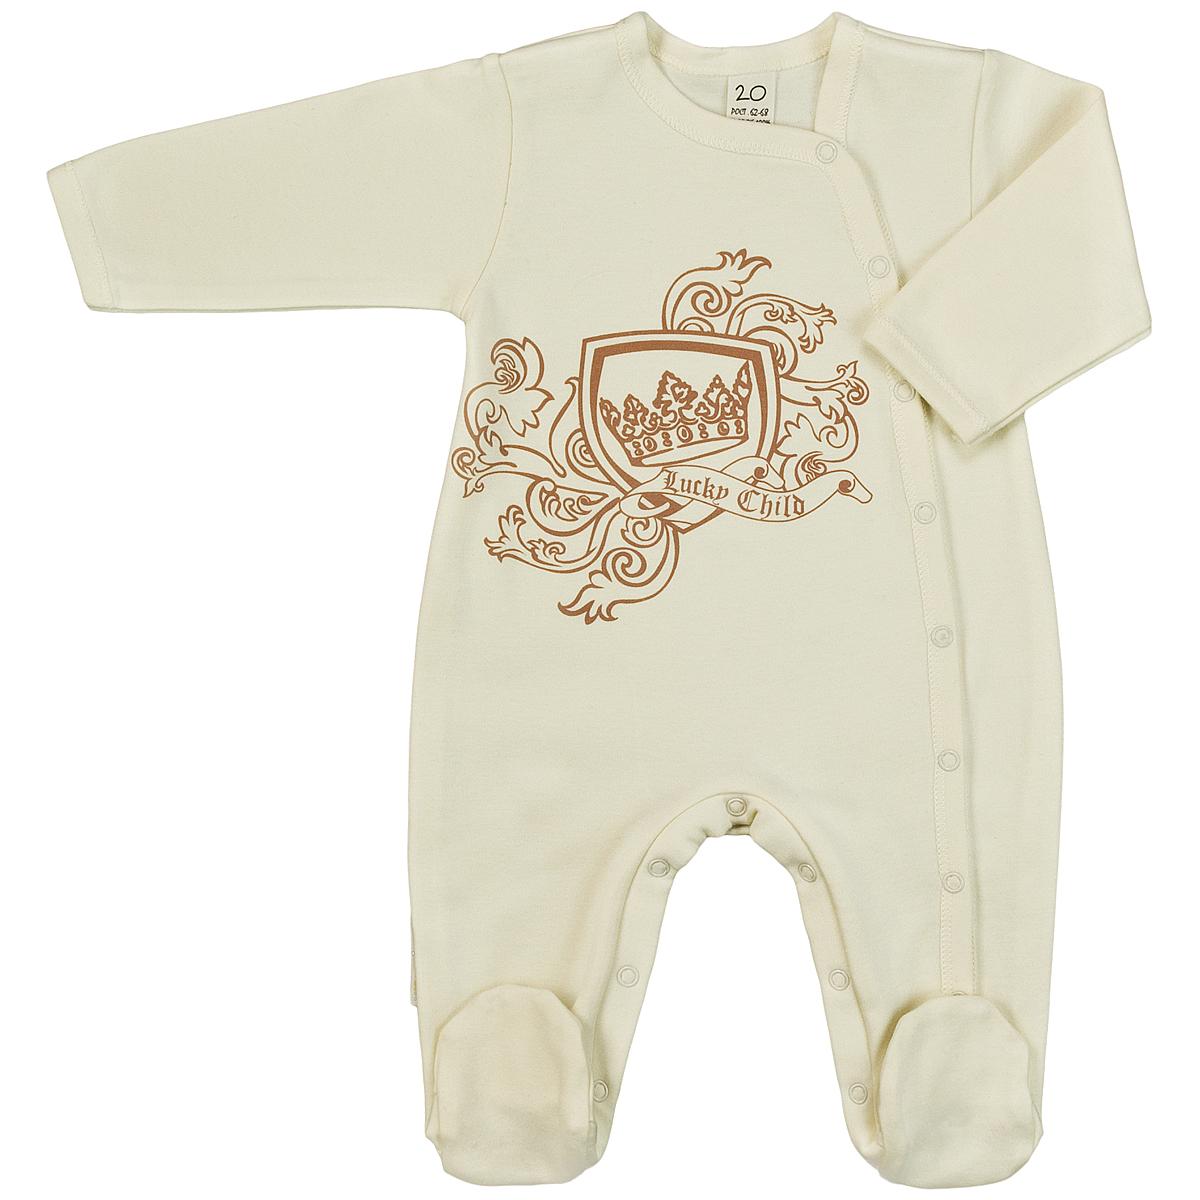 Комбинезон домашний6-16Детский комбинезон Lucky Child - очень удобный и практичный вид одежды для малышей. Комбинезон выполнен из интерлока - натурального хлопка, благодаря чему он необычайно мягкий и приятный на ощупь, не раздражают нежную кожу ребенка и хорошо вентилируются, а эластичные швы приятны телу малыша и не препятствуют его движениям. Комбинезон с длинными рукавами и закрытыми ножками имеет асимметричные застежки-кнопки от горловины до щиколотки, которые помогают легко переодеть младенца или сменить подгузник. На груди он оформлен оригинальным принтом в виде логотипа бренда. С детским комбинезоном Lucky Child спинка и ножки вашего малыша всегда будут в тепле, он идеален для использования днем и незаменим ночью. Комбинезон полностью соответствует особенностям жизни младенца в ранний период, не стесняя и не ограничивая его в движениях!